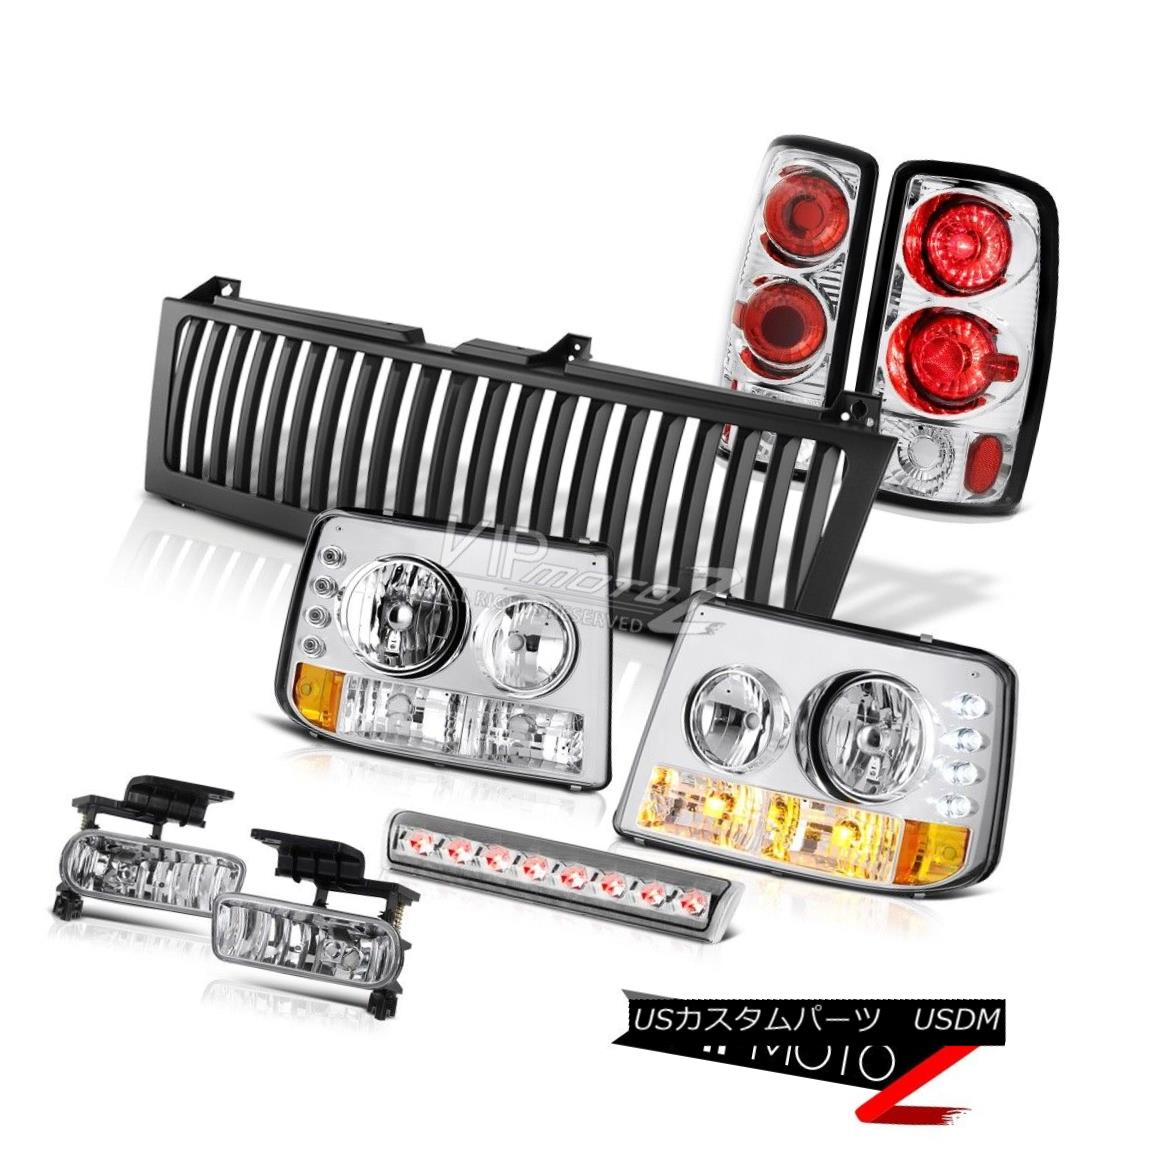 ヘッドライト Headlights Rear Signal Brake Lights Clear Fog LED Grille 2000-06 Chevy Tahoe ヘッドライトリアシグナルブレーキライトクリアフォグLEDグリル2000-06 Chevy Tahoe